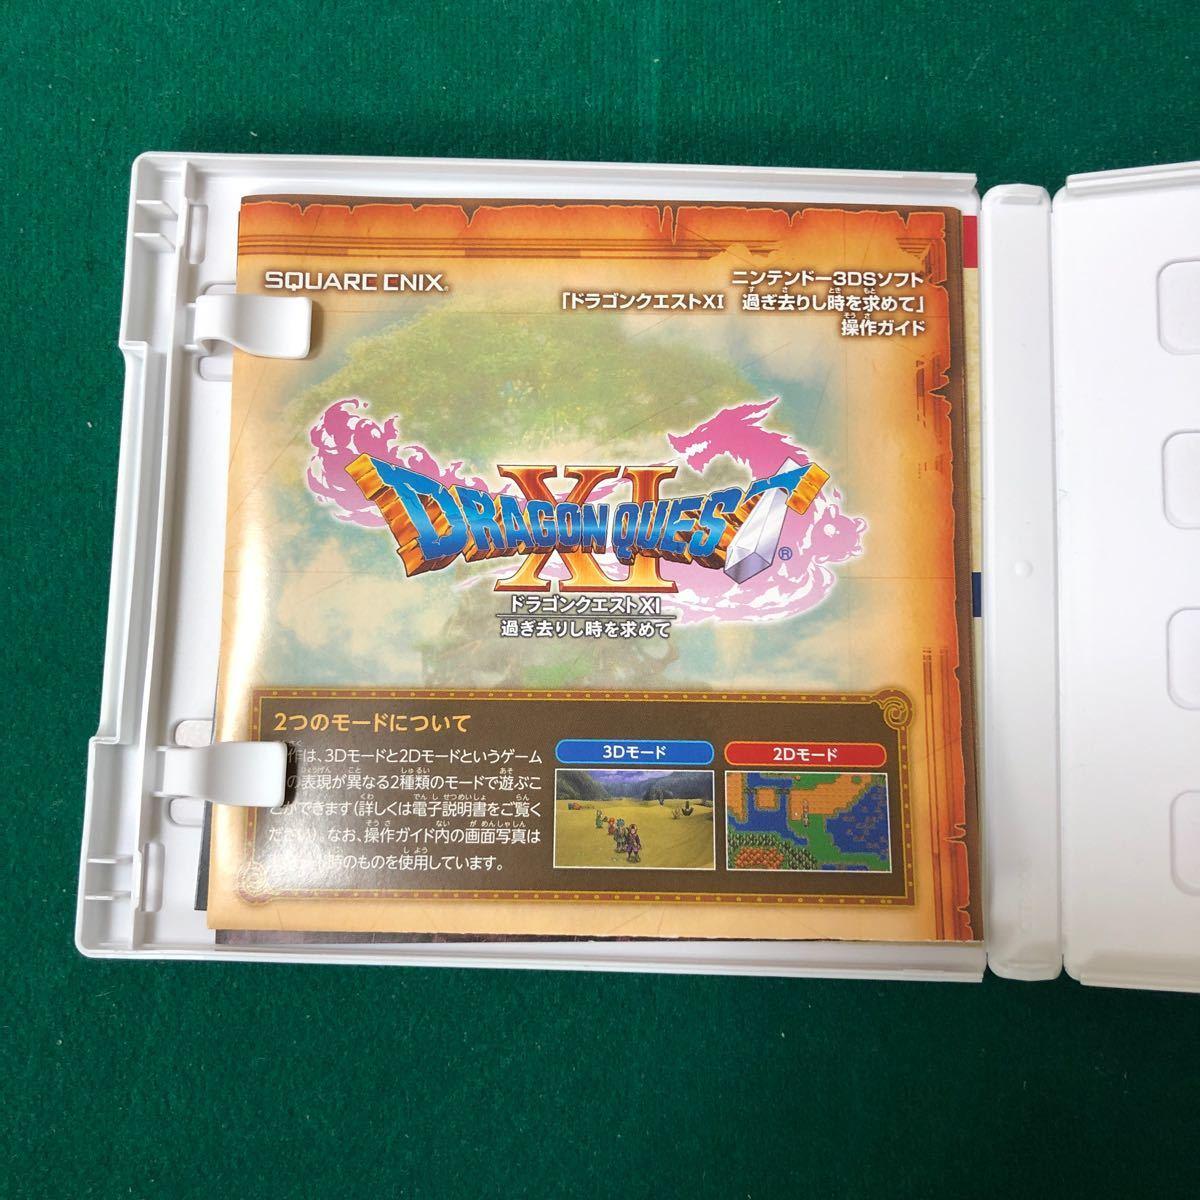 ドラゴンクエストXI過ぎ去りし時を求めて 3DS